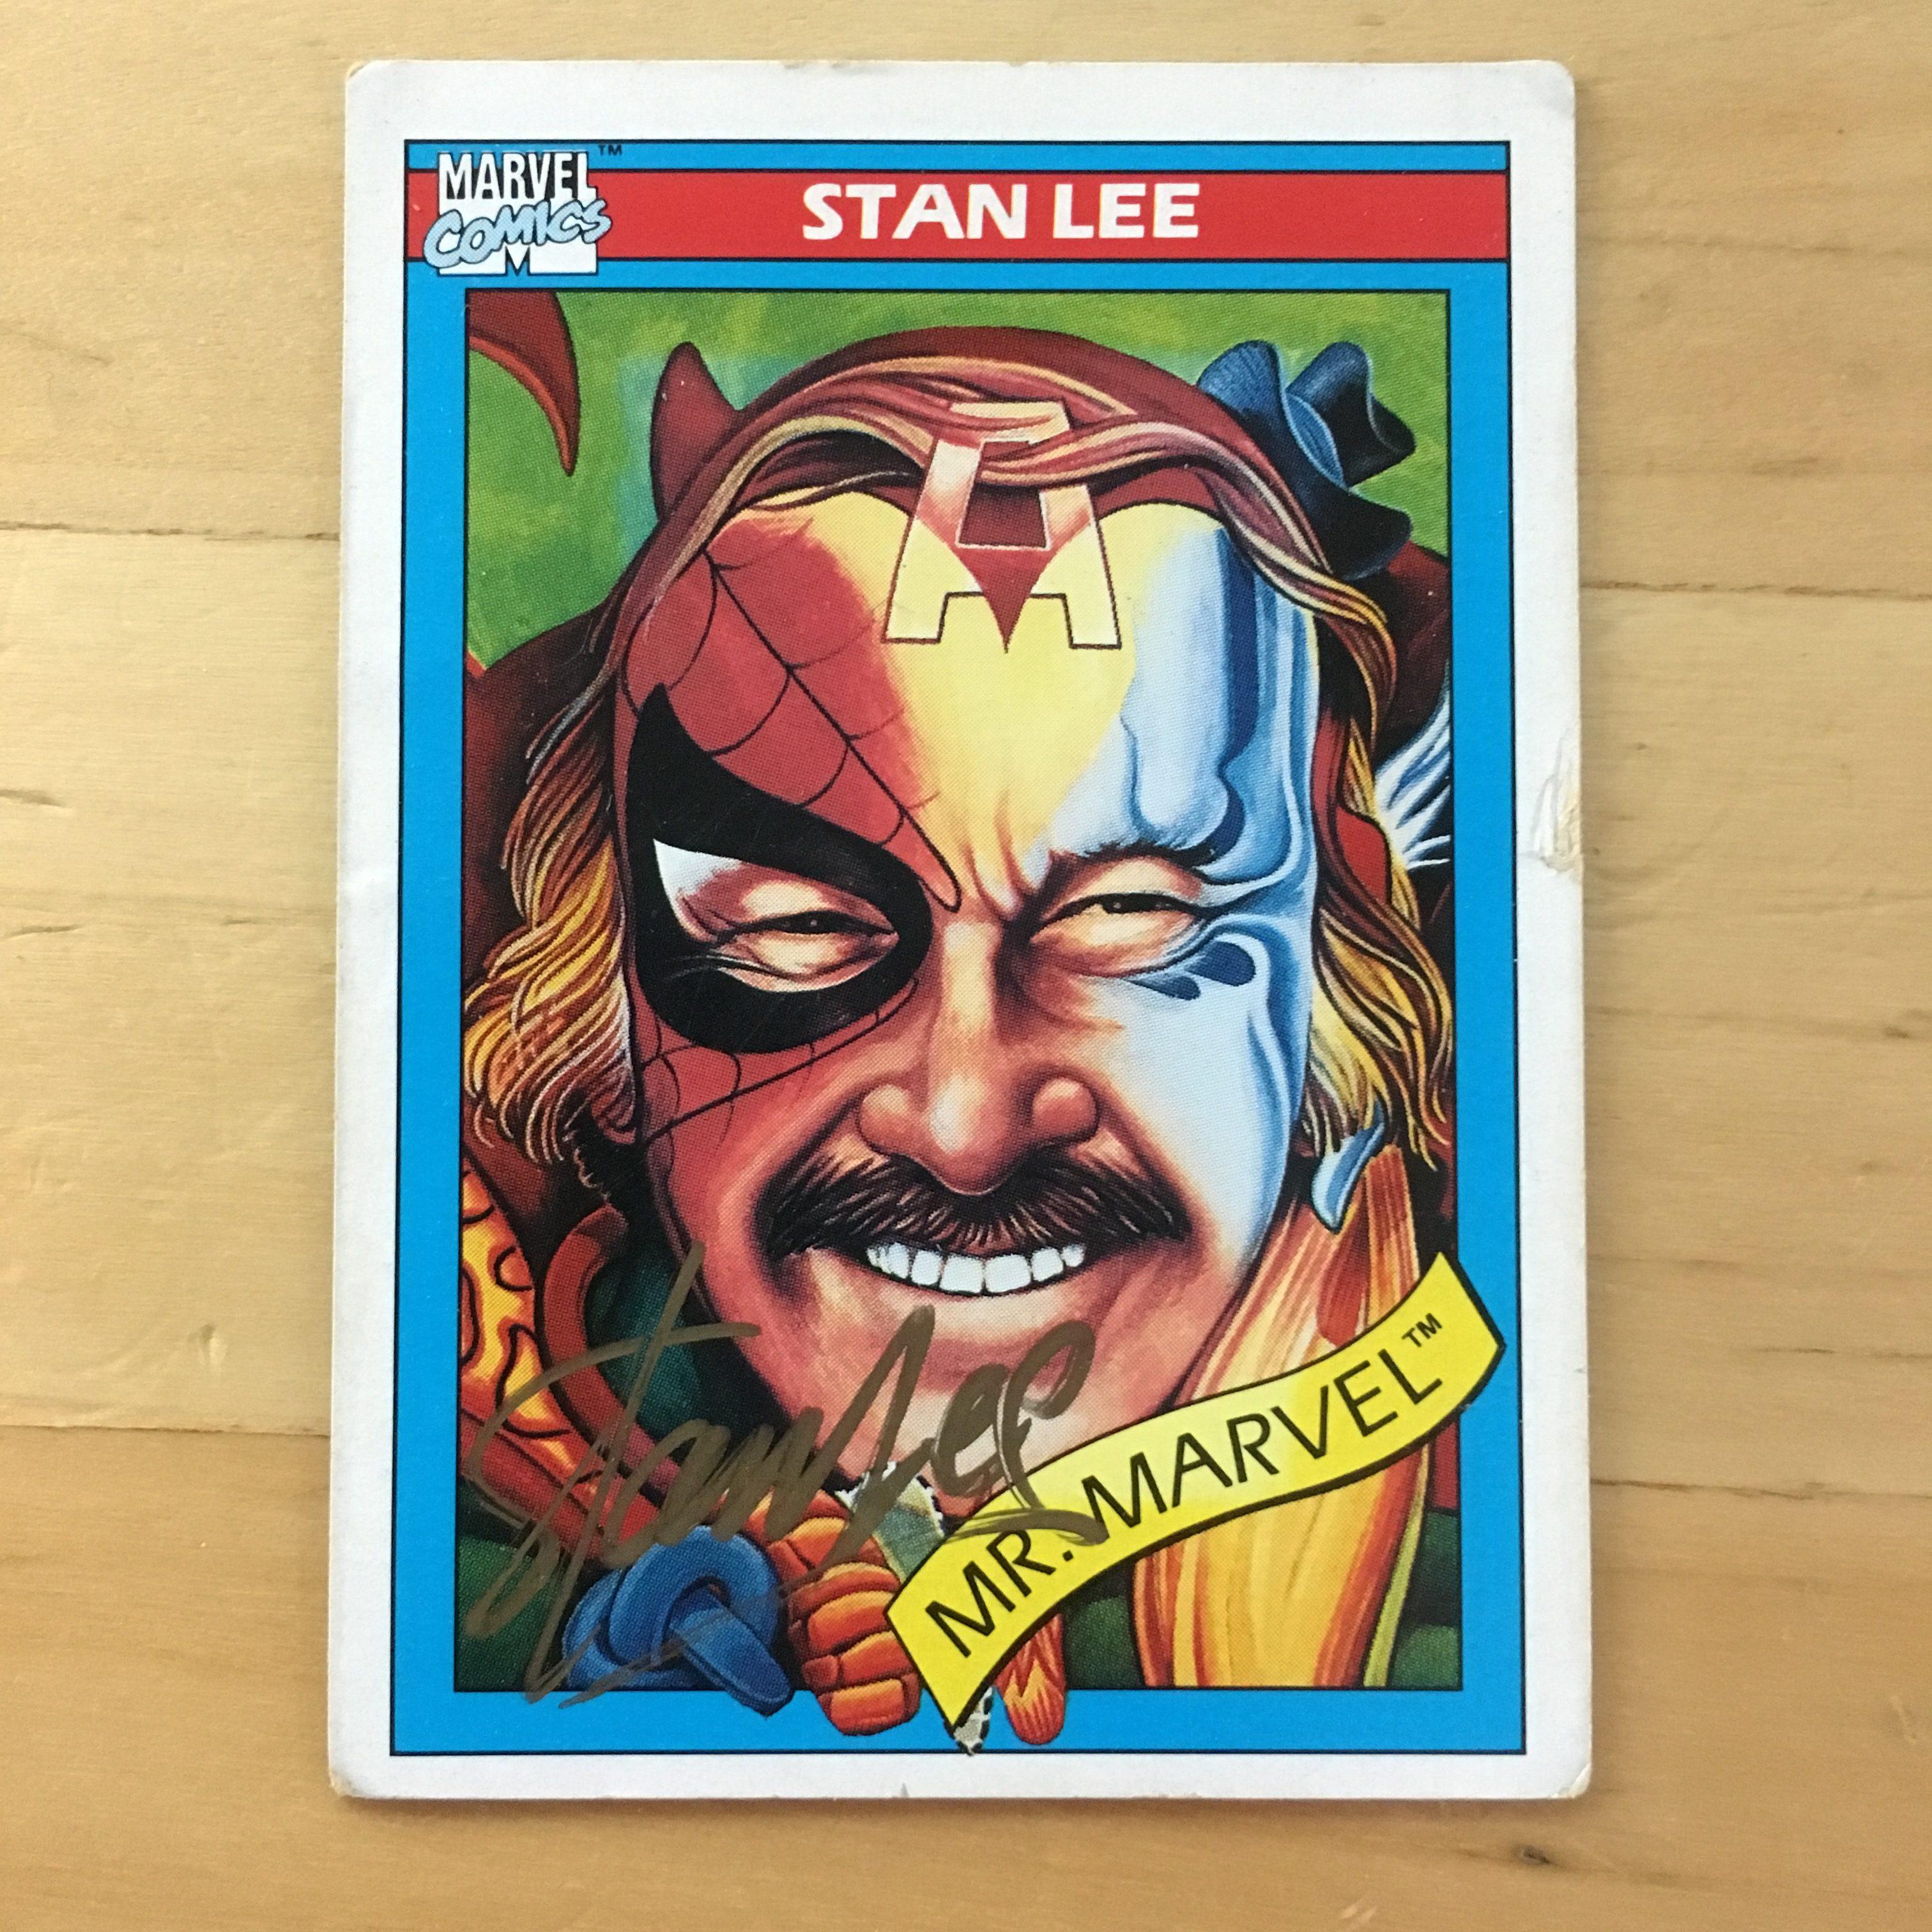 Excelsior!